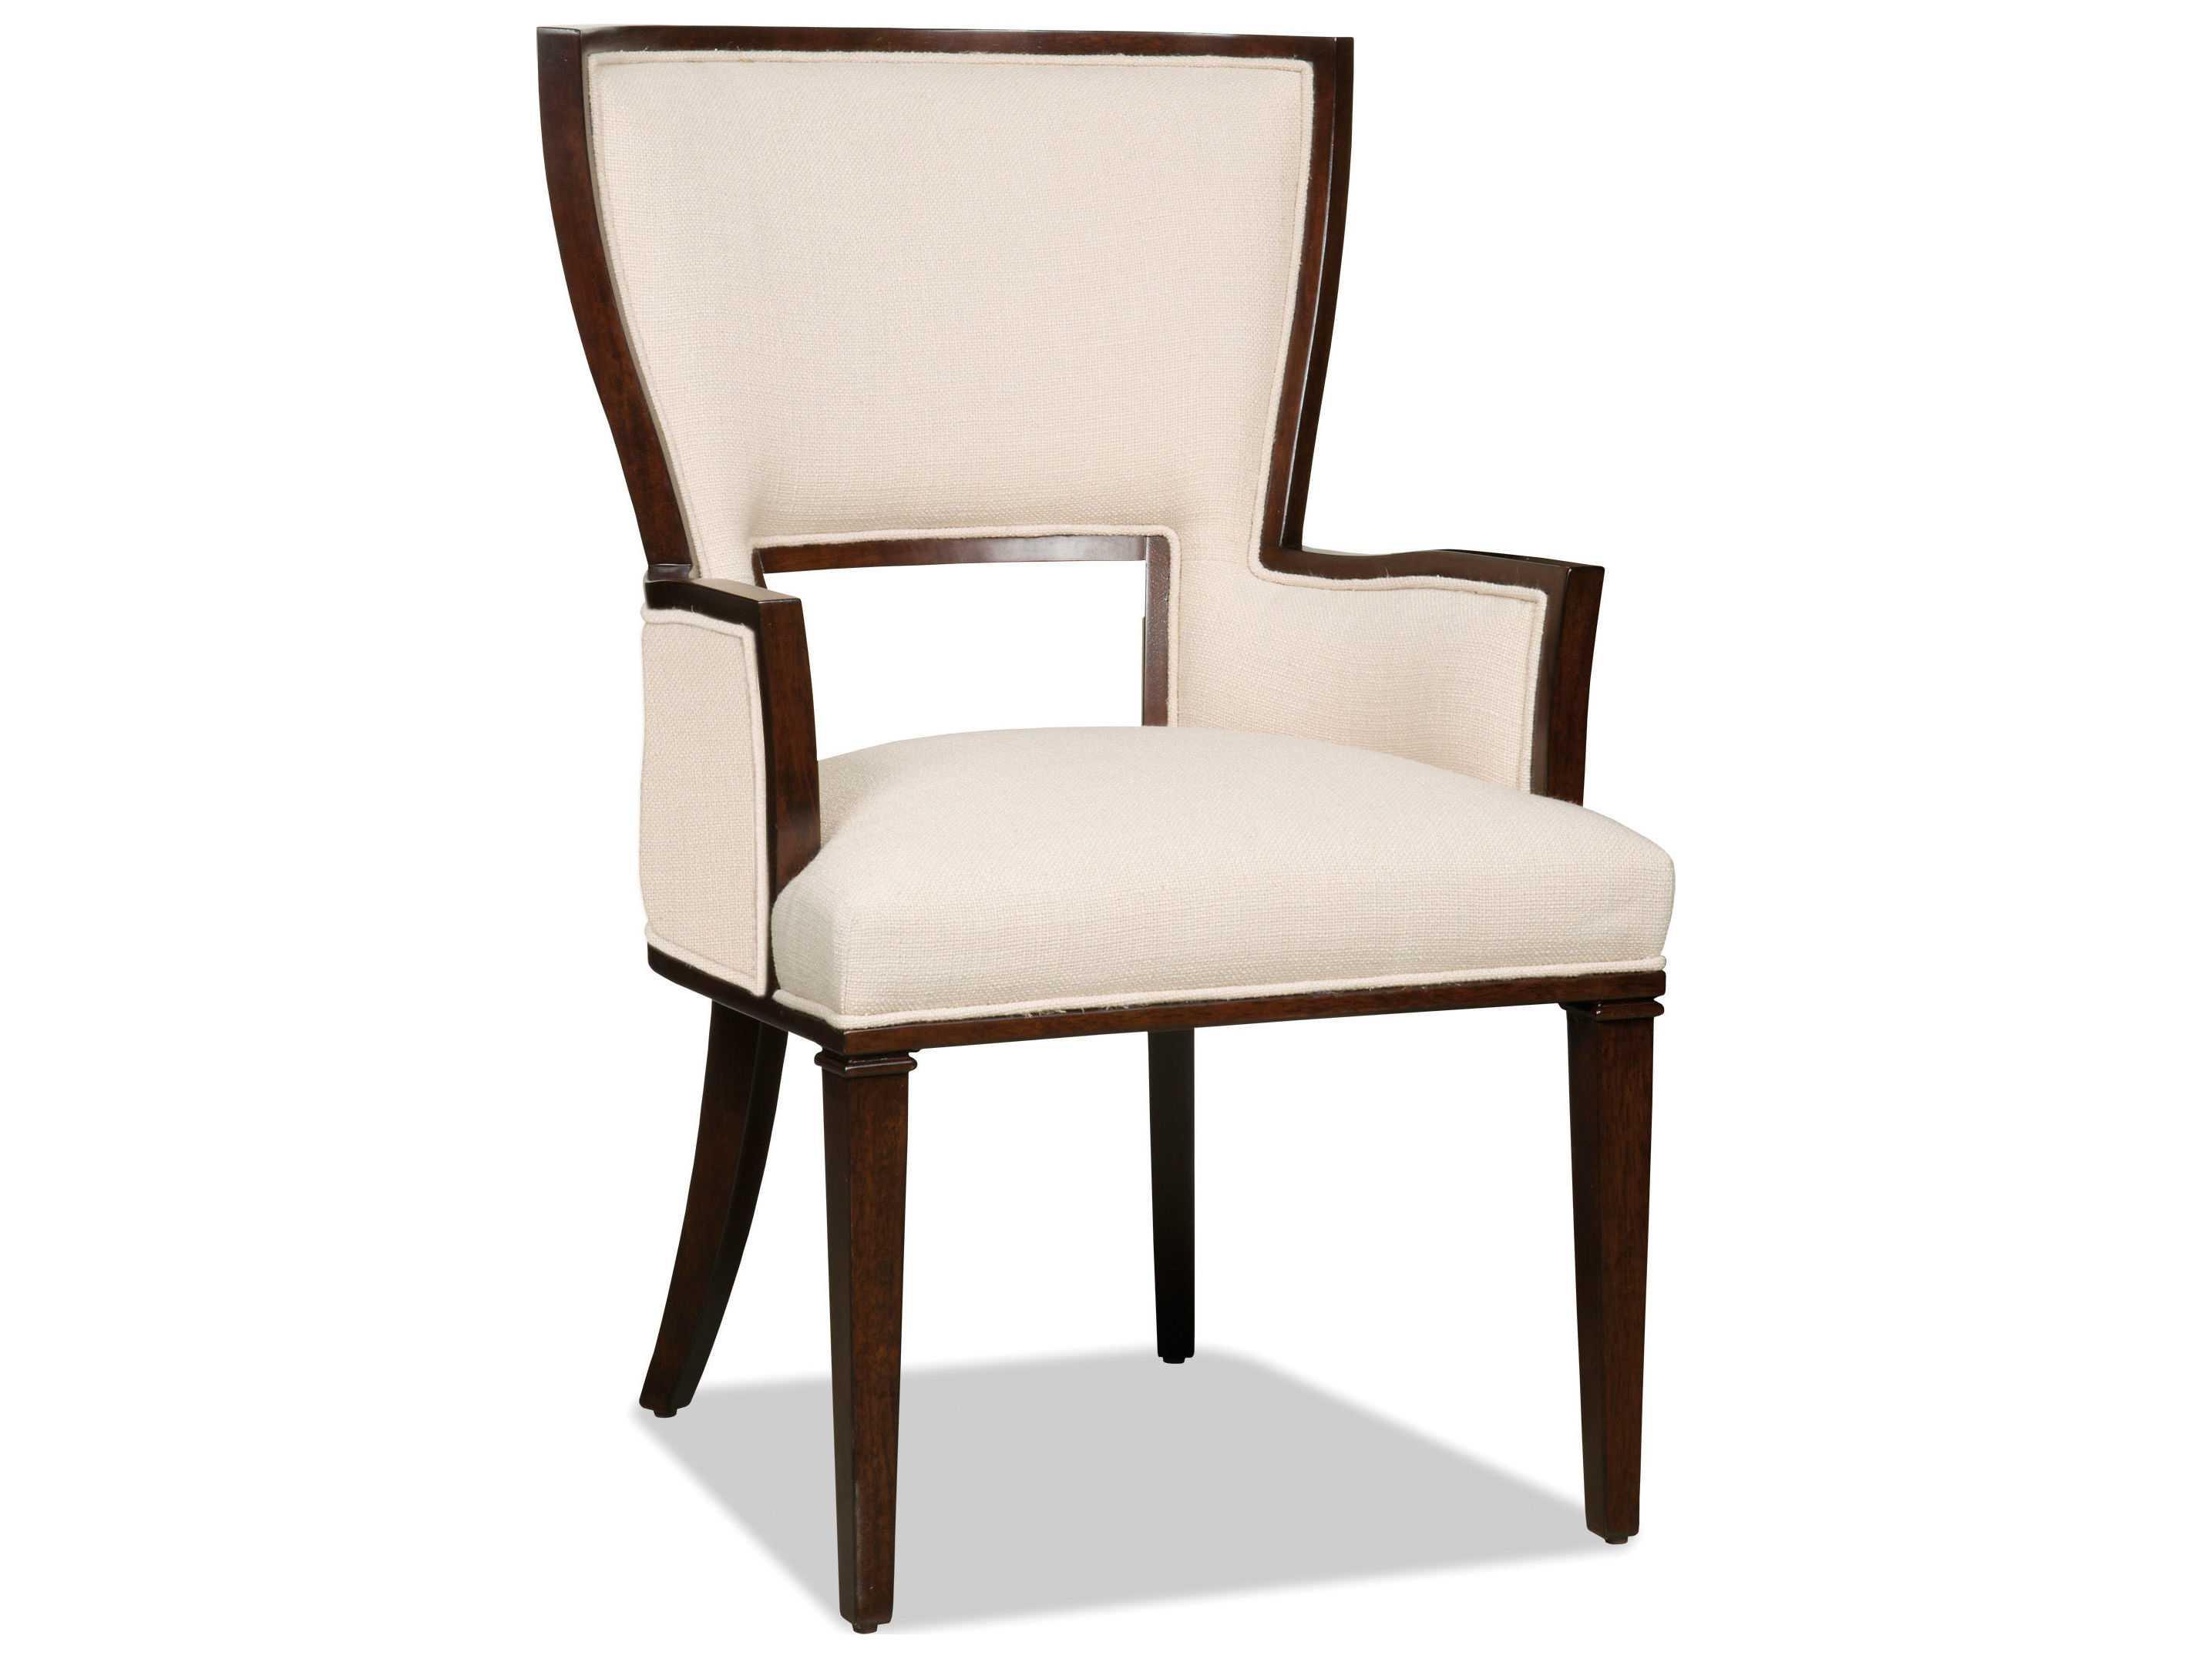 Hooker furniture lindy natural dark wood dining arm chair for Wood dining arm chairs